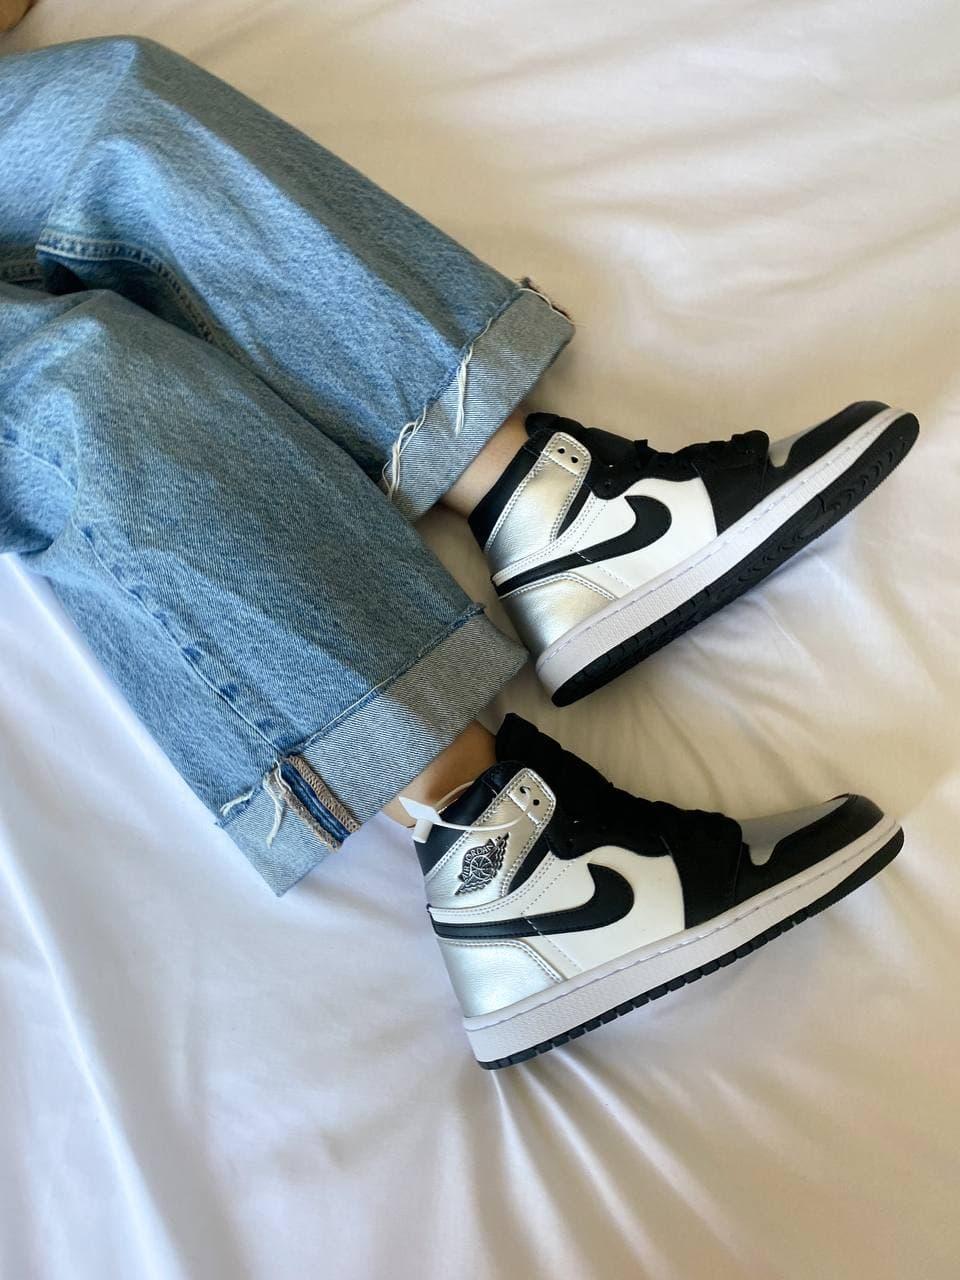 Чоловічі кросівки Nike Air Jordan 1 Retro High Silver Toe (чорно-білі з сріблястим) К3740